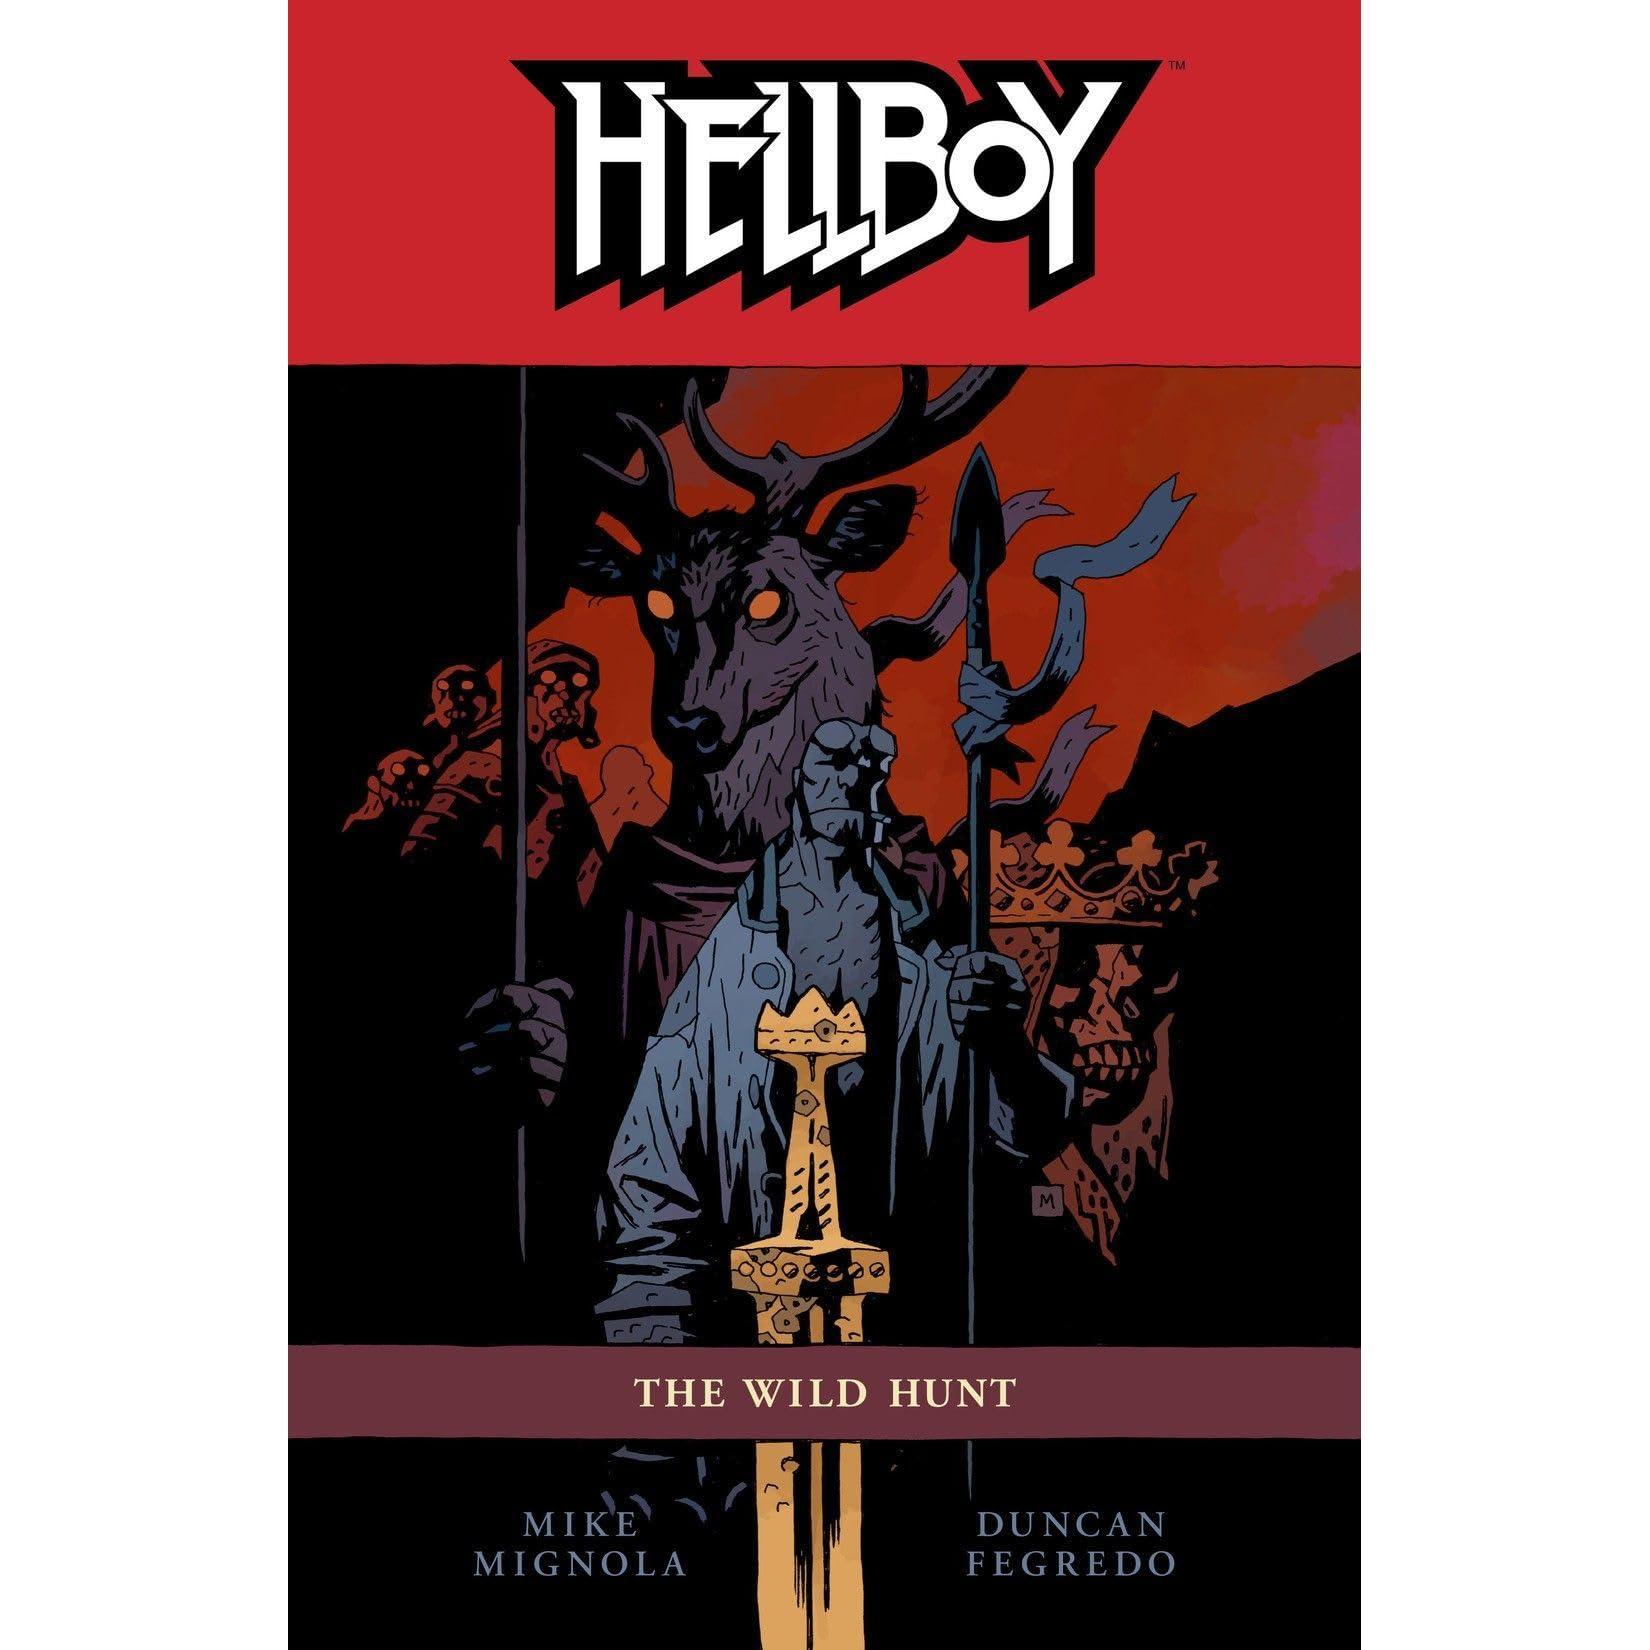 Hellboy Vol 9 The Wild Hunt By Mike Mignola